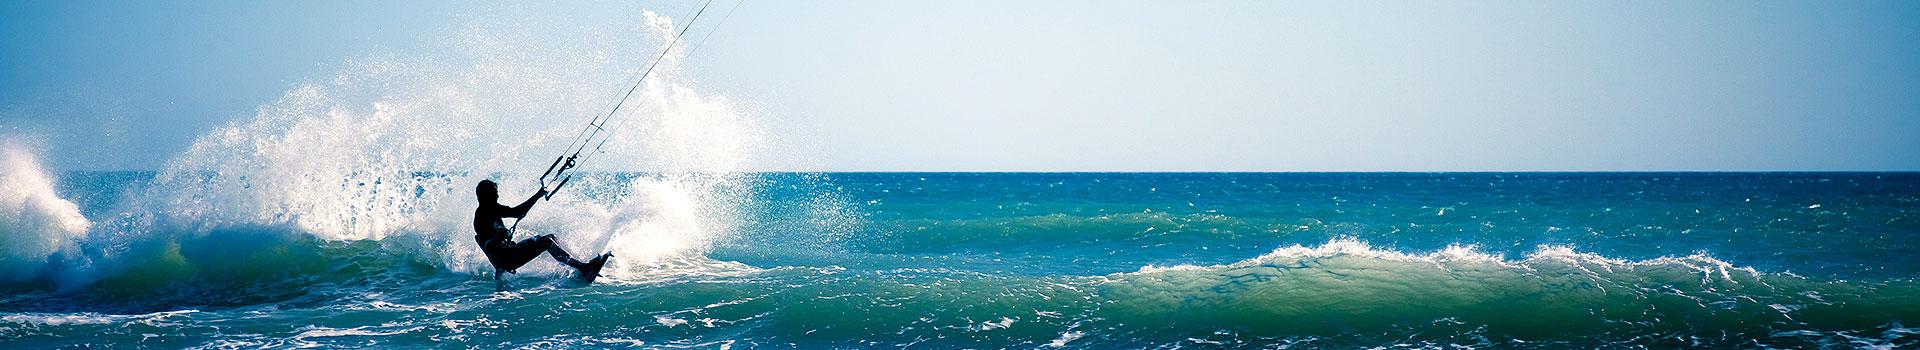 Karibik Tauchreisen Windsurfen Kitesurfen